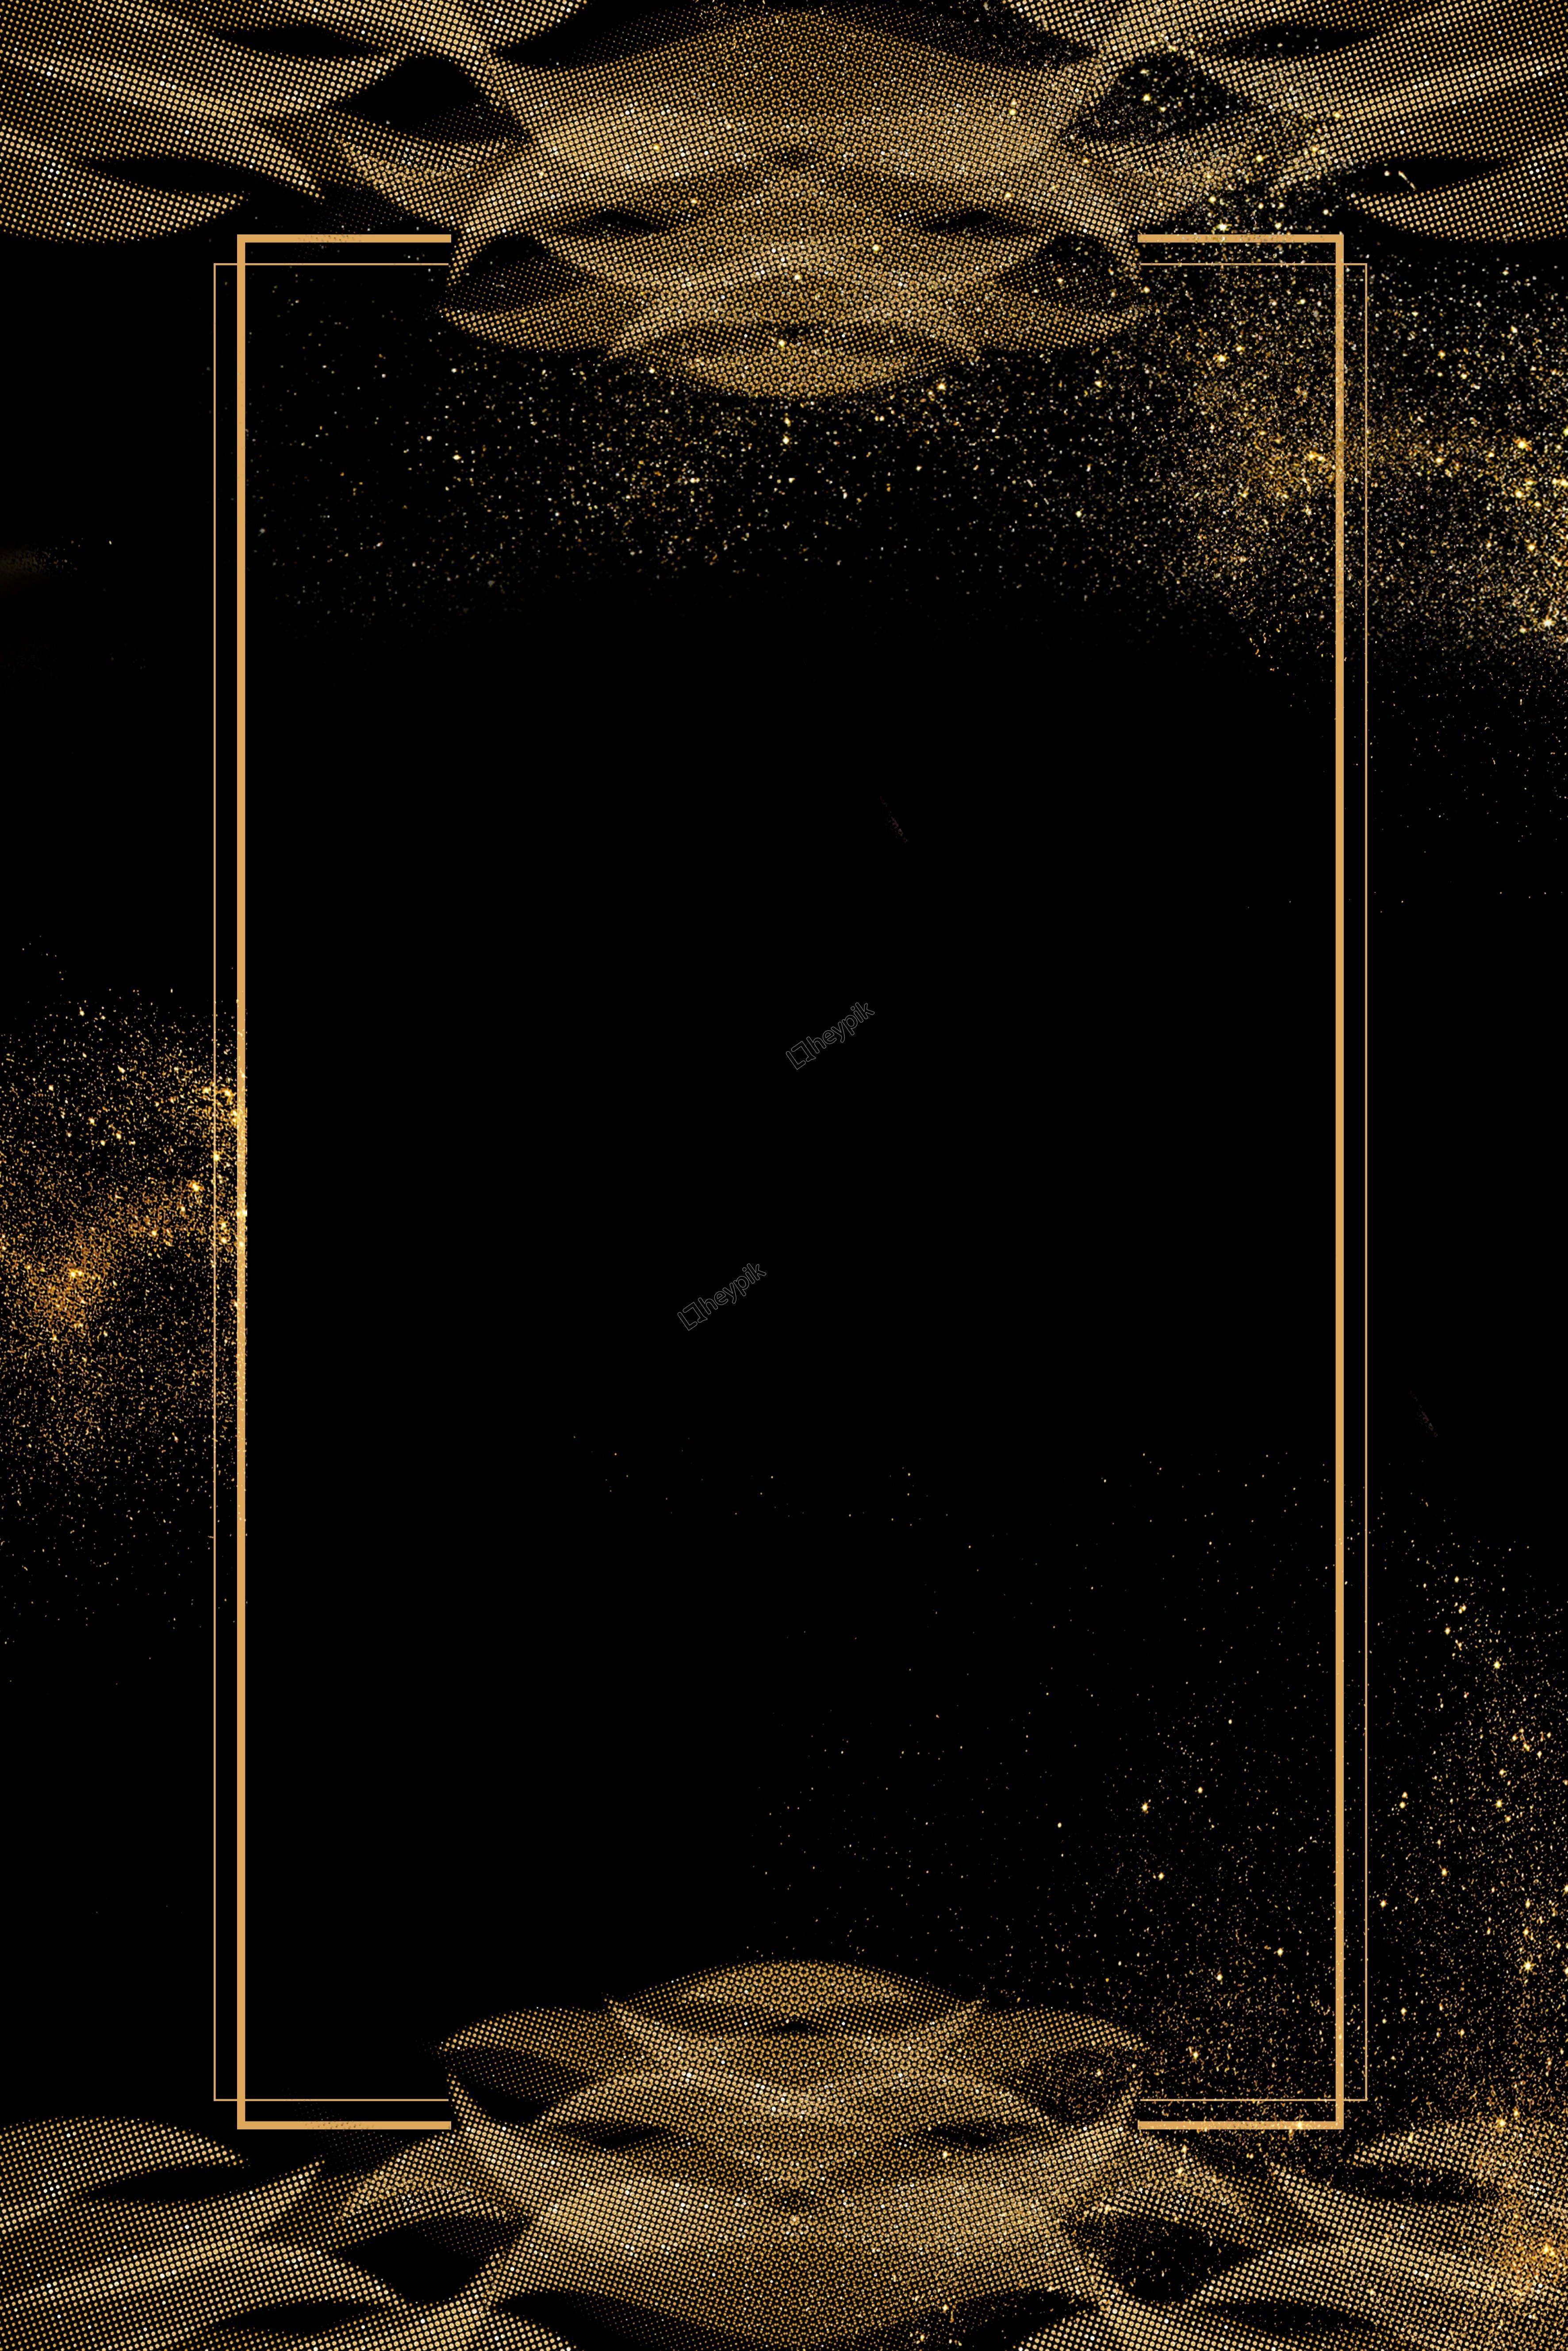 Elegant Black Gold Background Gold And Black Background Poster Background Design Gold Poster